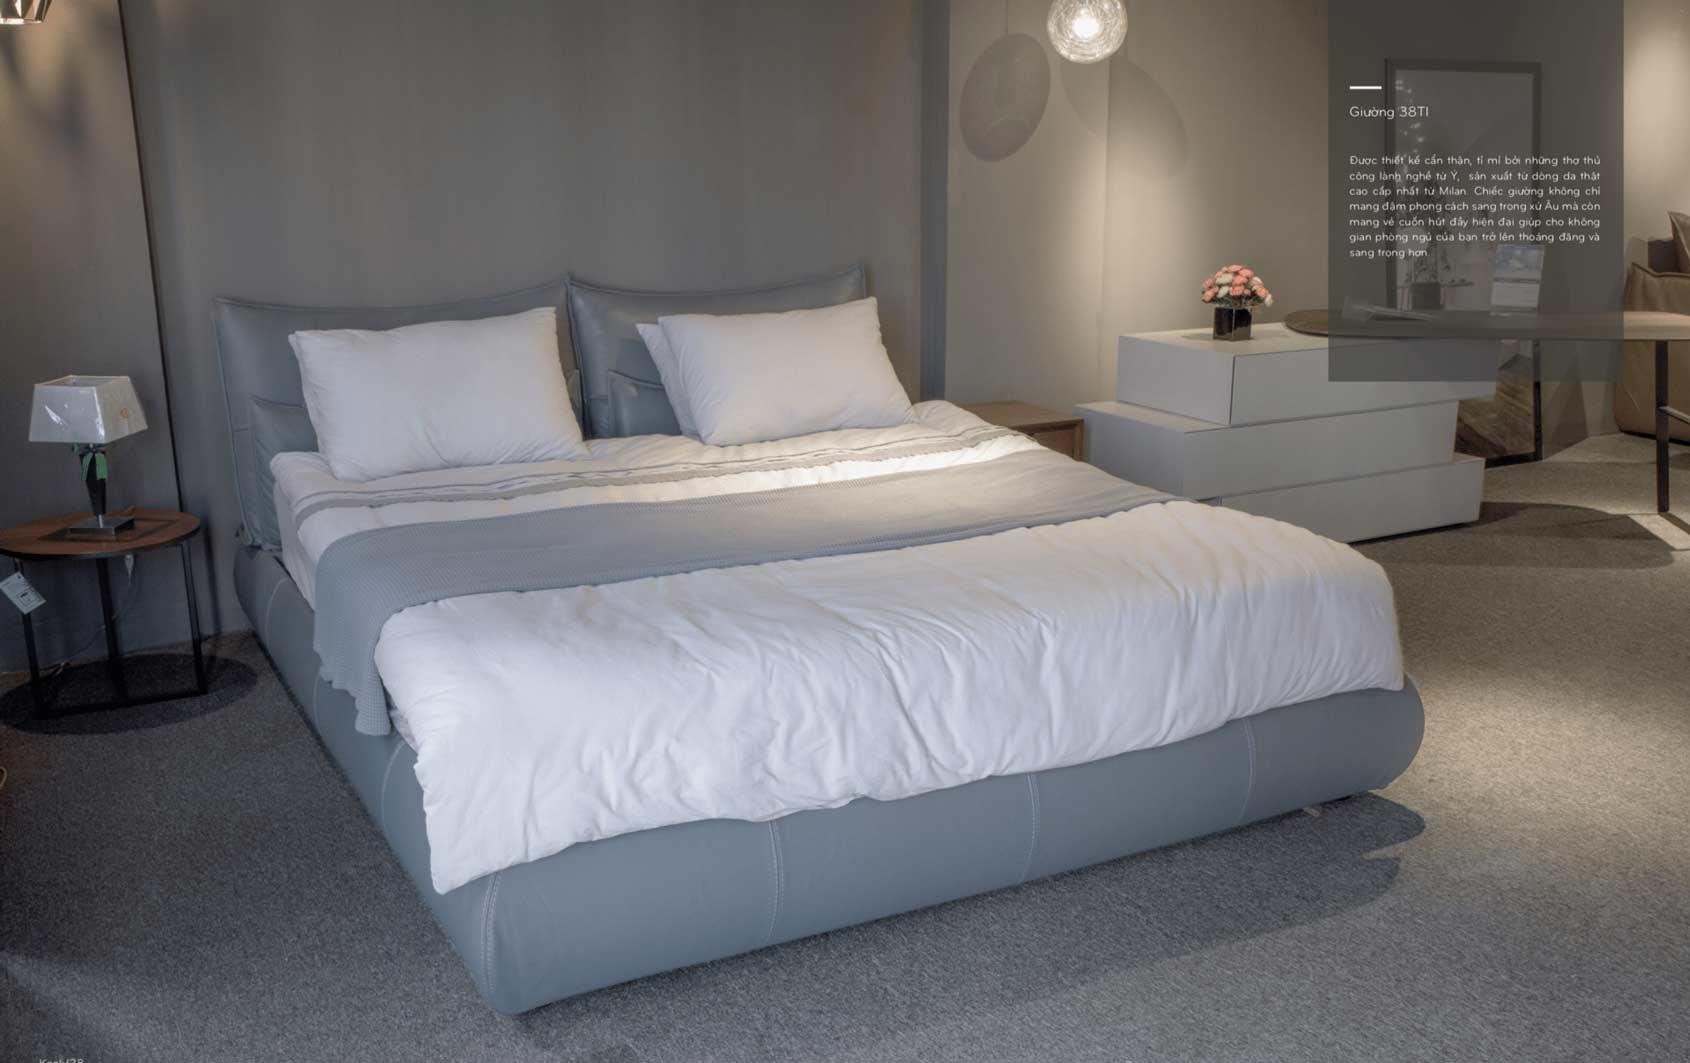 2 mẫu giường bọc da thật cao cấp đang được ưa chuộng